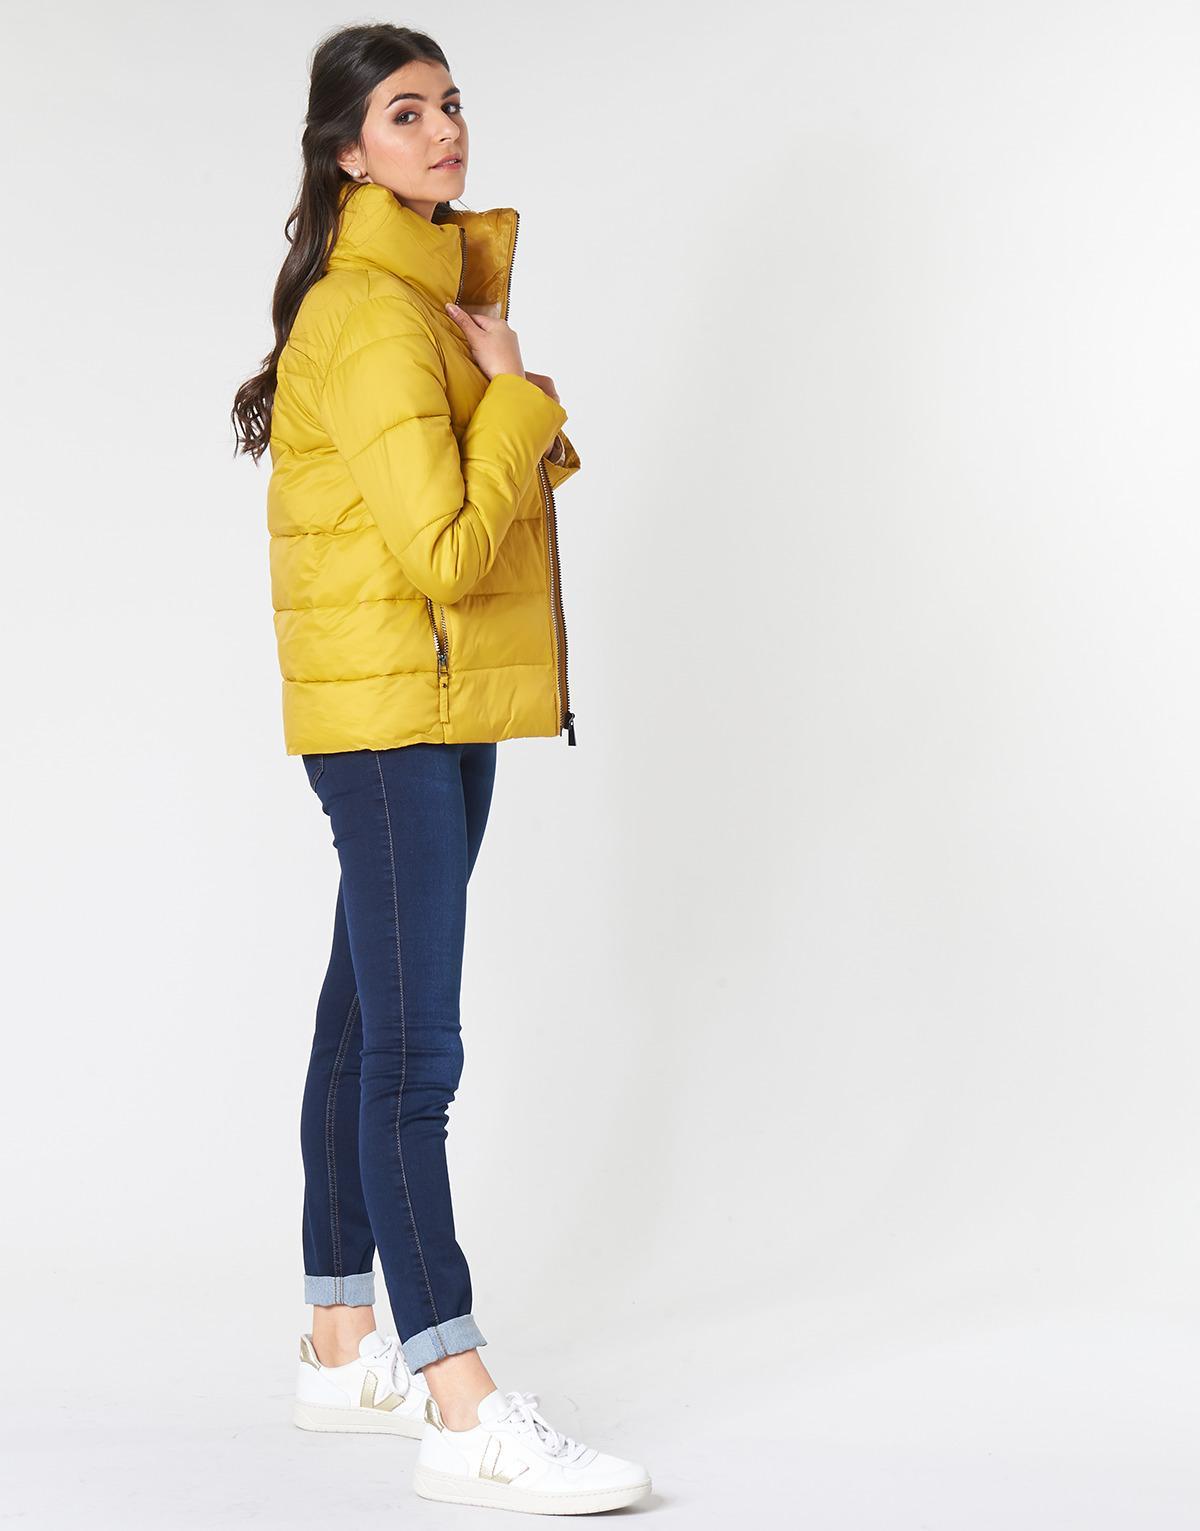 05-909-51-2364-1543 femmes Doudounes en jaune S.oliver en coloris Jaune - 7 % de réduction